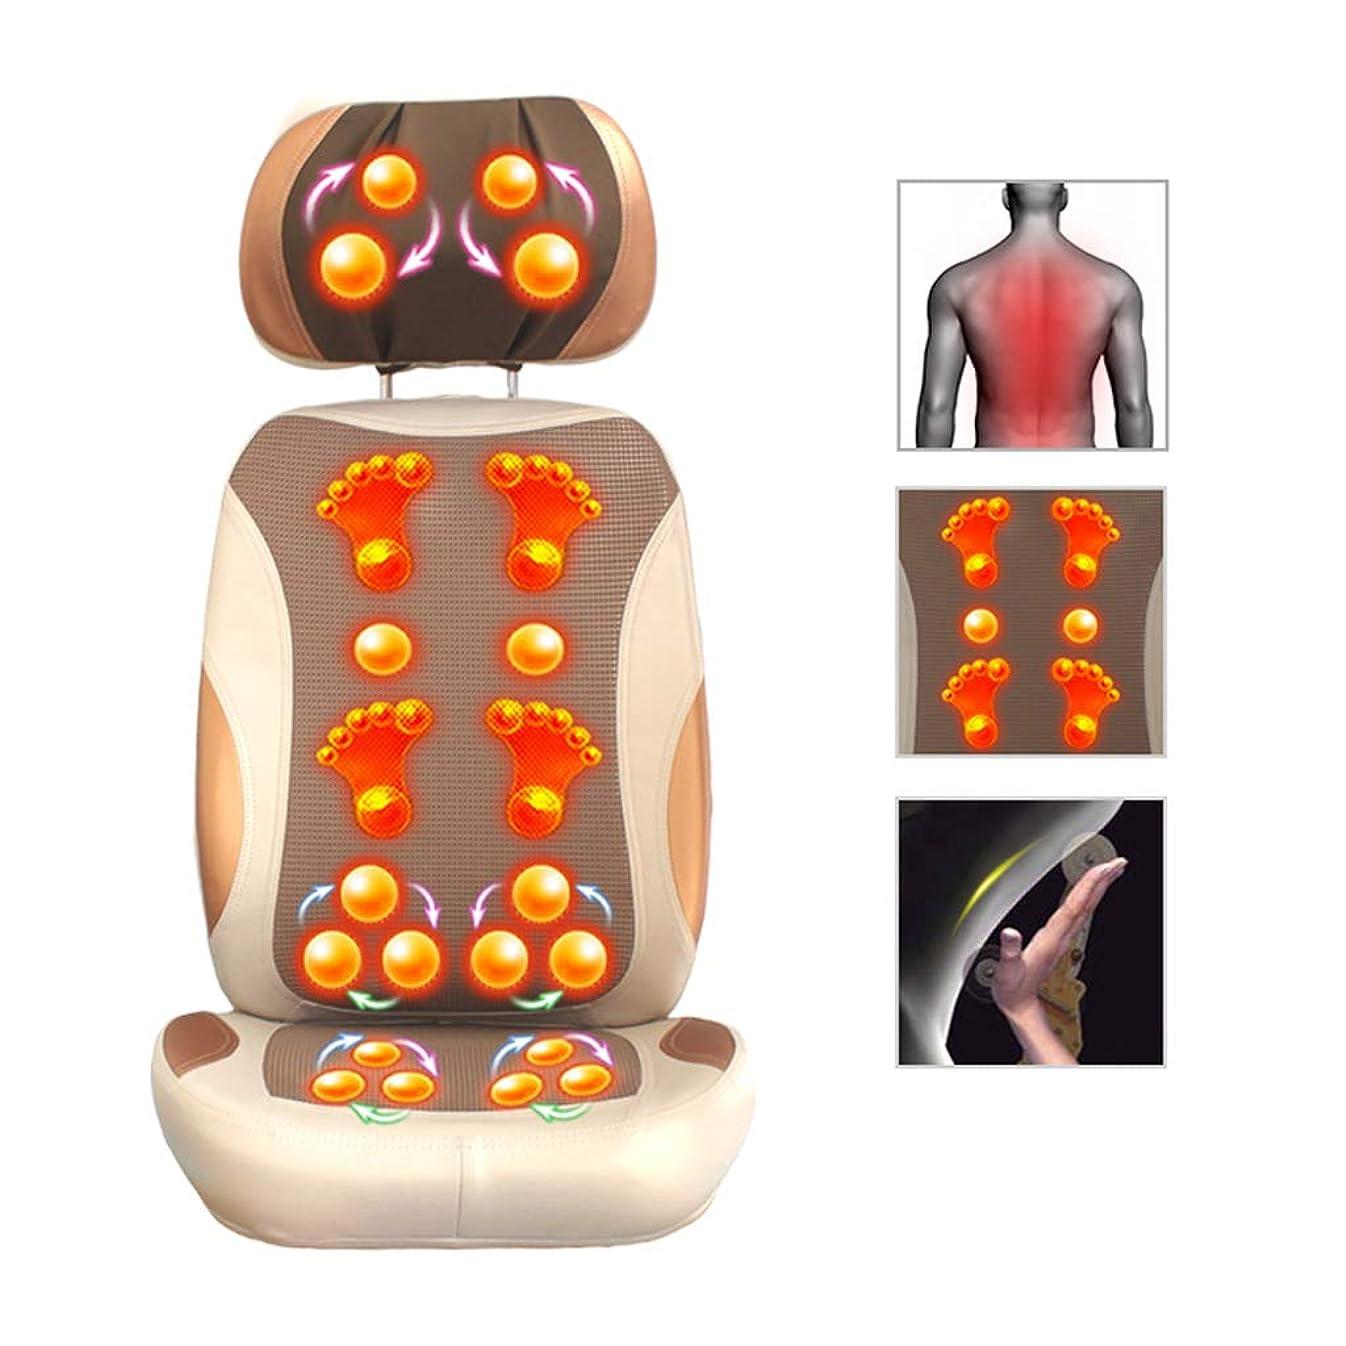 彫刻指紋香水背中のマッサージ指圧マッサージチェアクッション、熱と振動の機能、角度を調節可能、家庭用およびオフィス用フルバック筋肉をリラックス